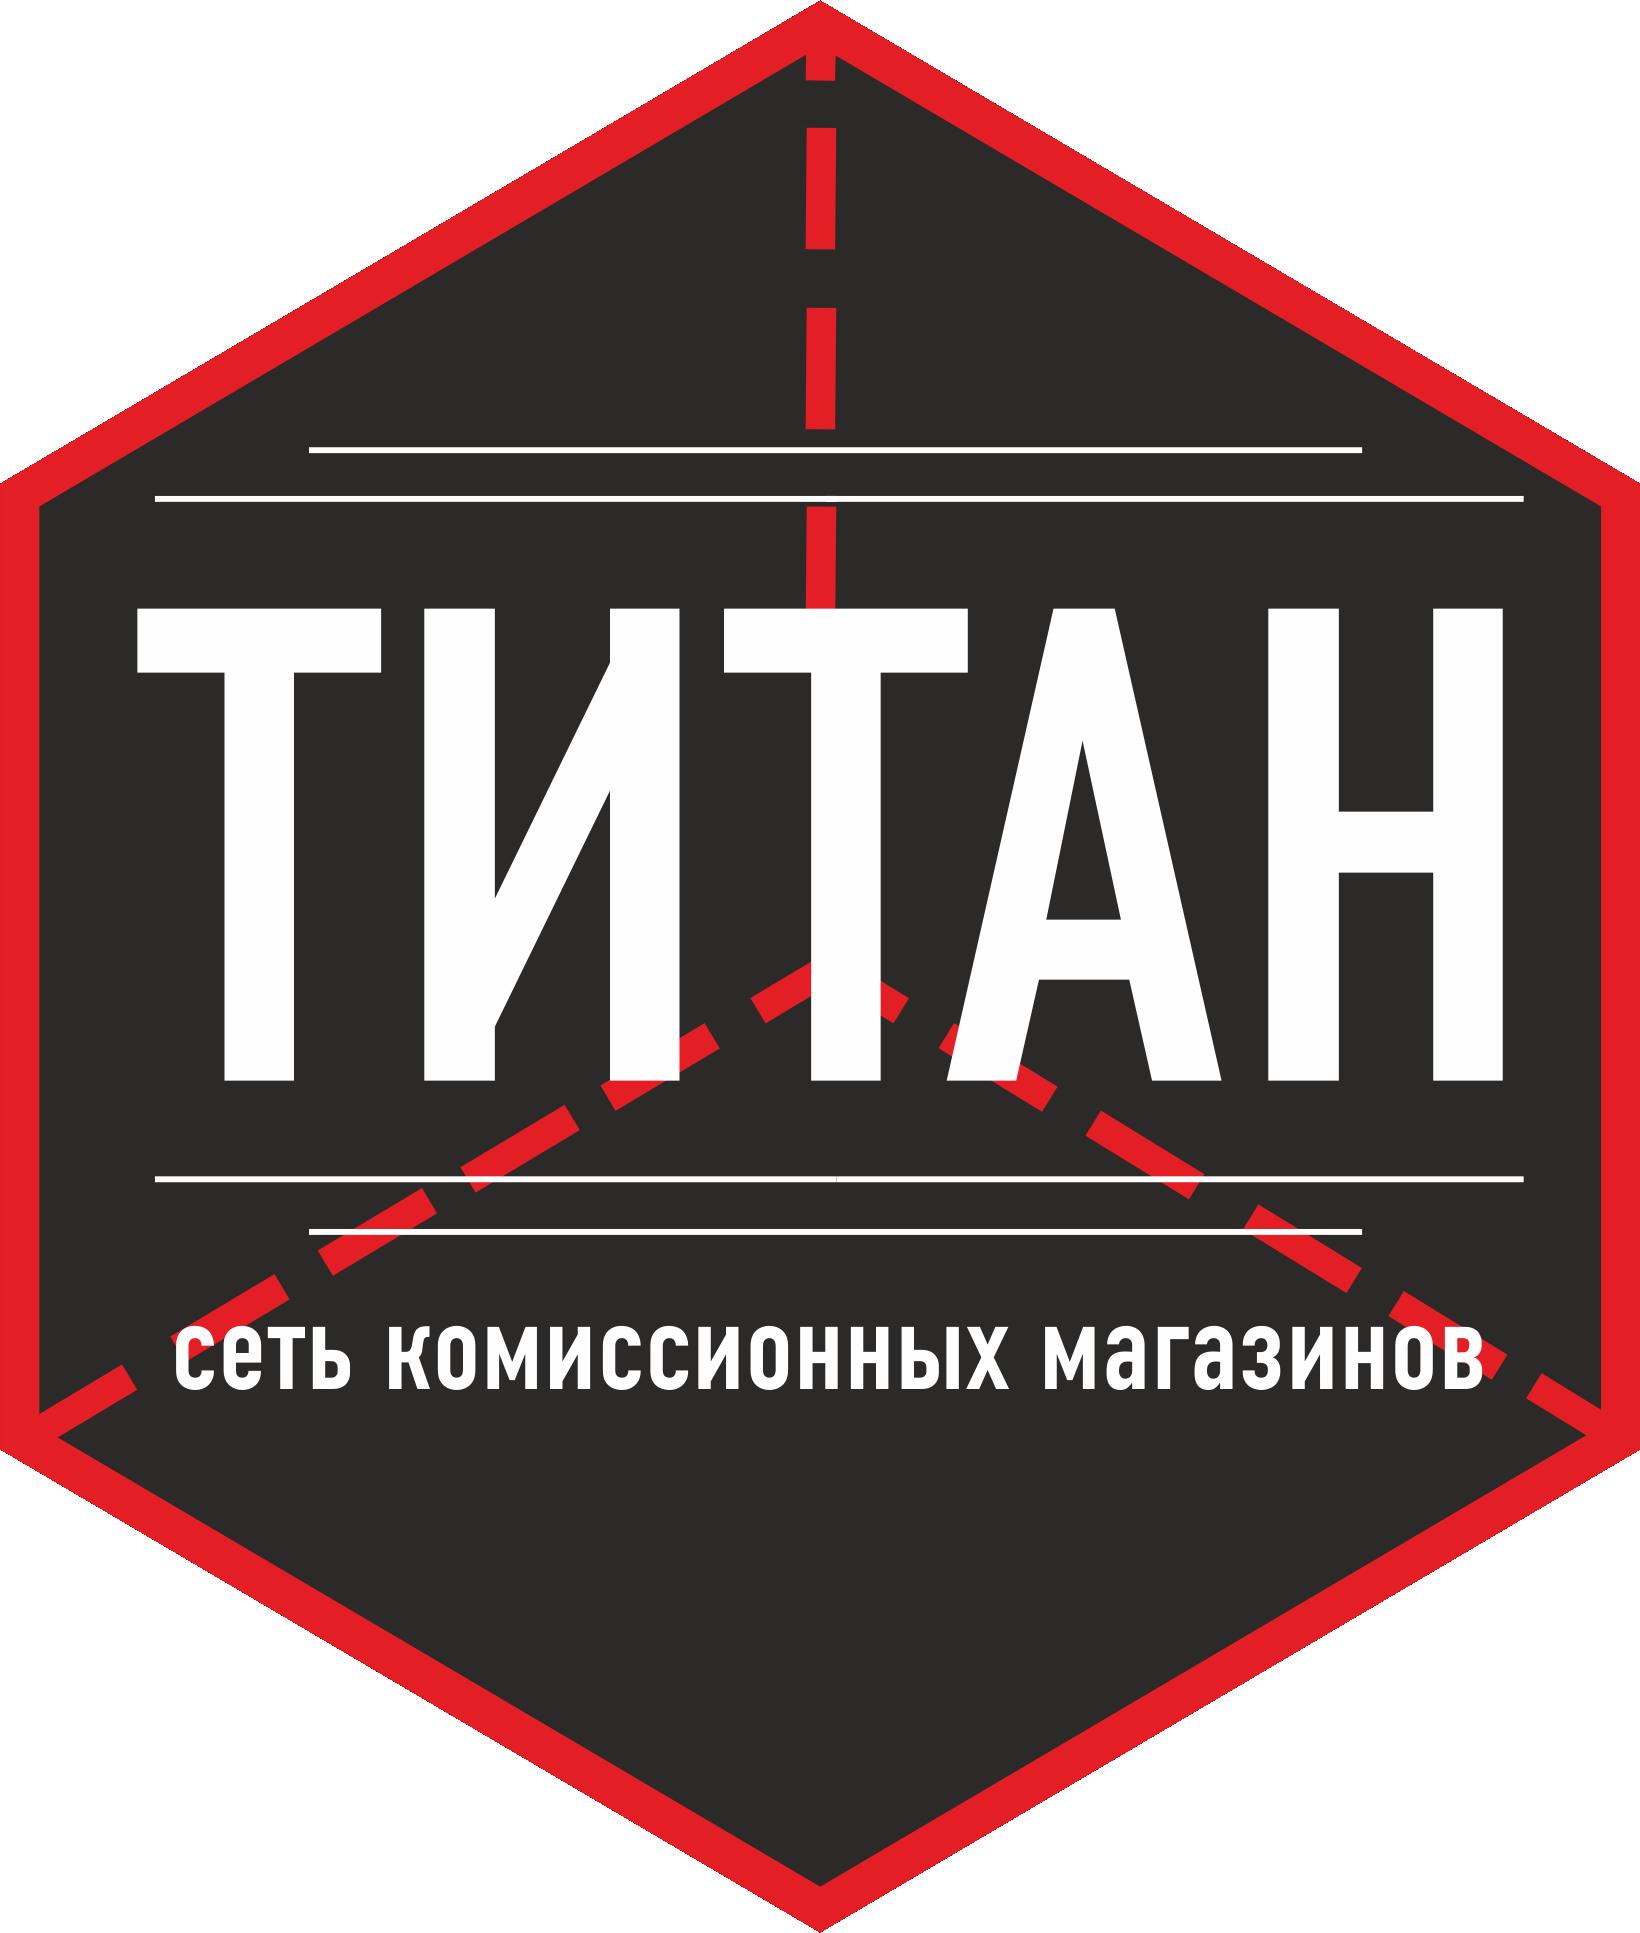 Разработка логотипа (срочно) фото f_0045d49ada0d2db6.png